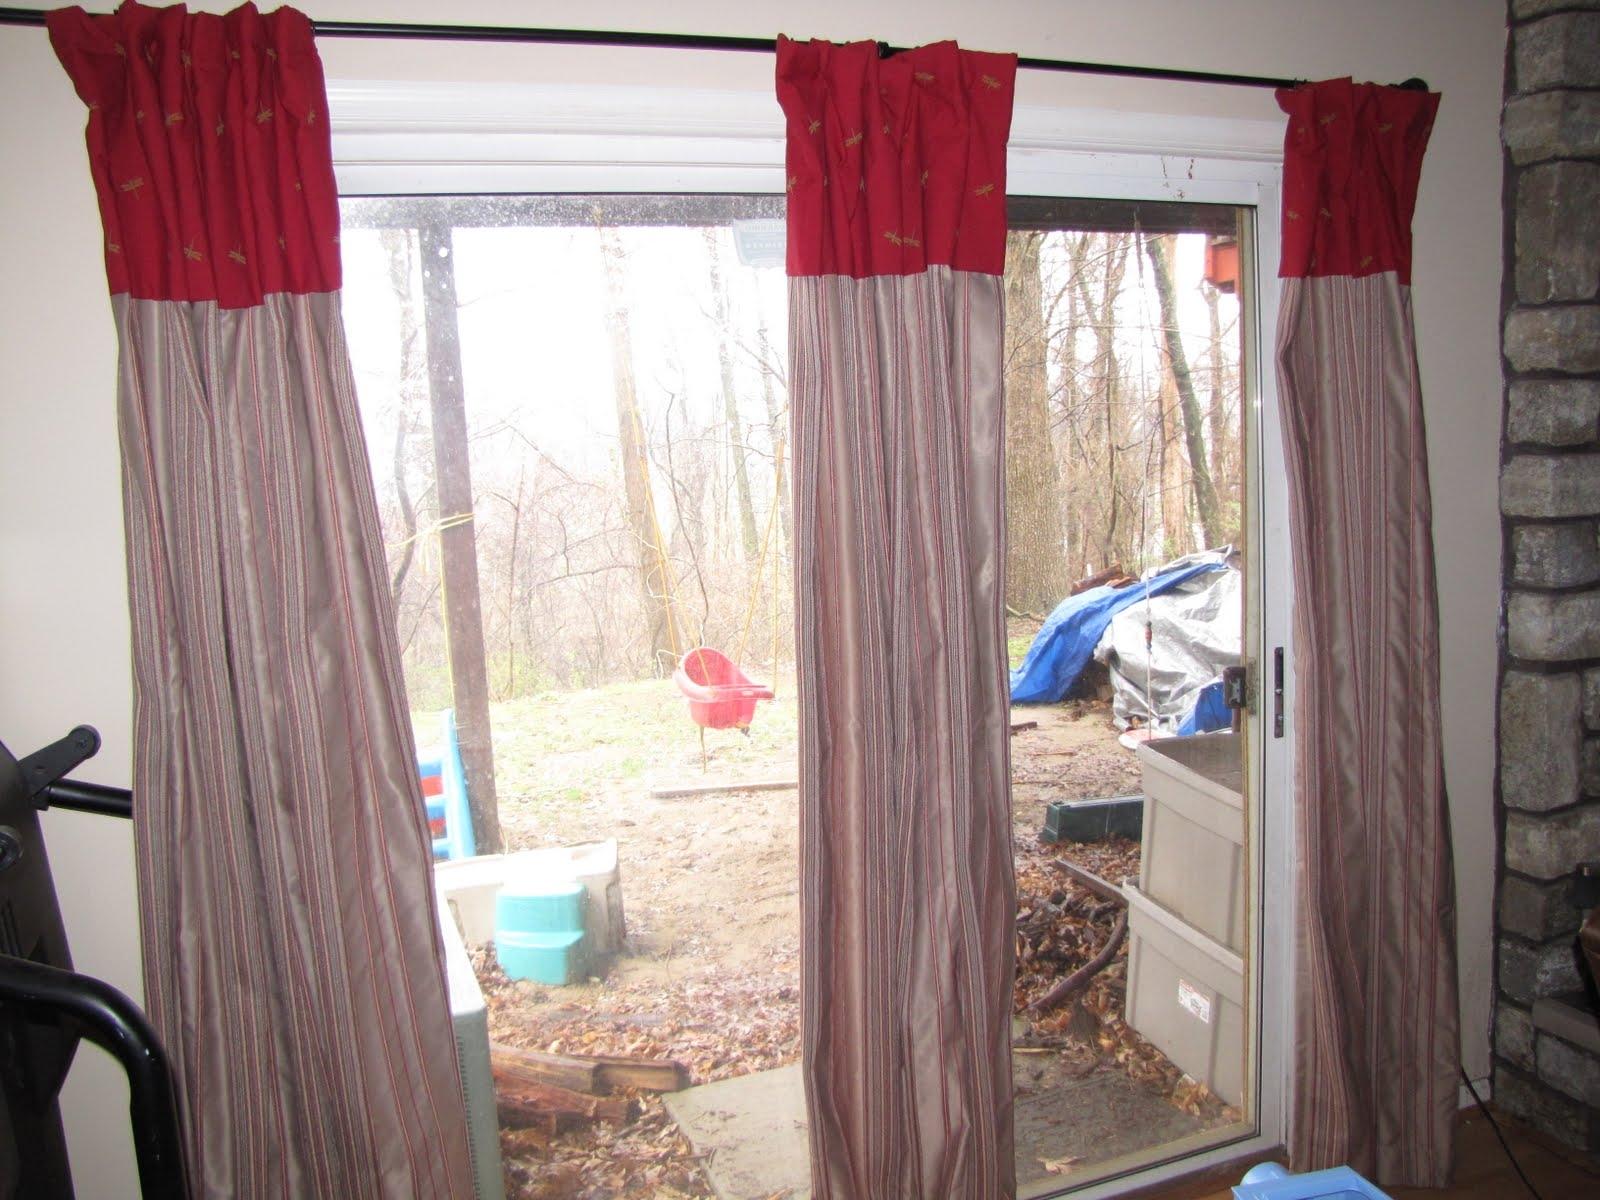 Design Ideas For Sliding Glass Door CurtainsDesign Ideas For Sliding Glass Door Curtains